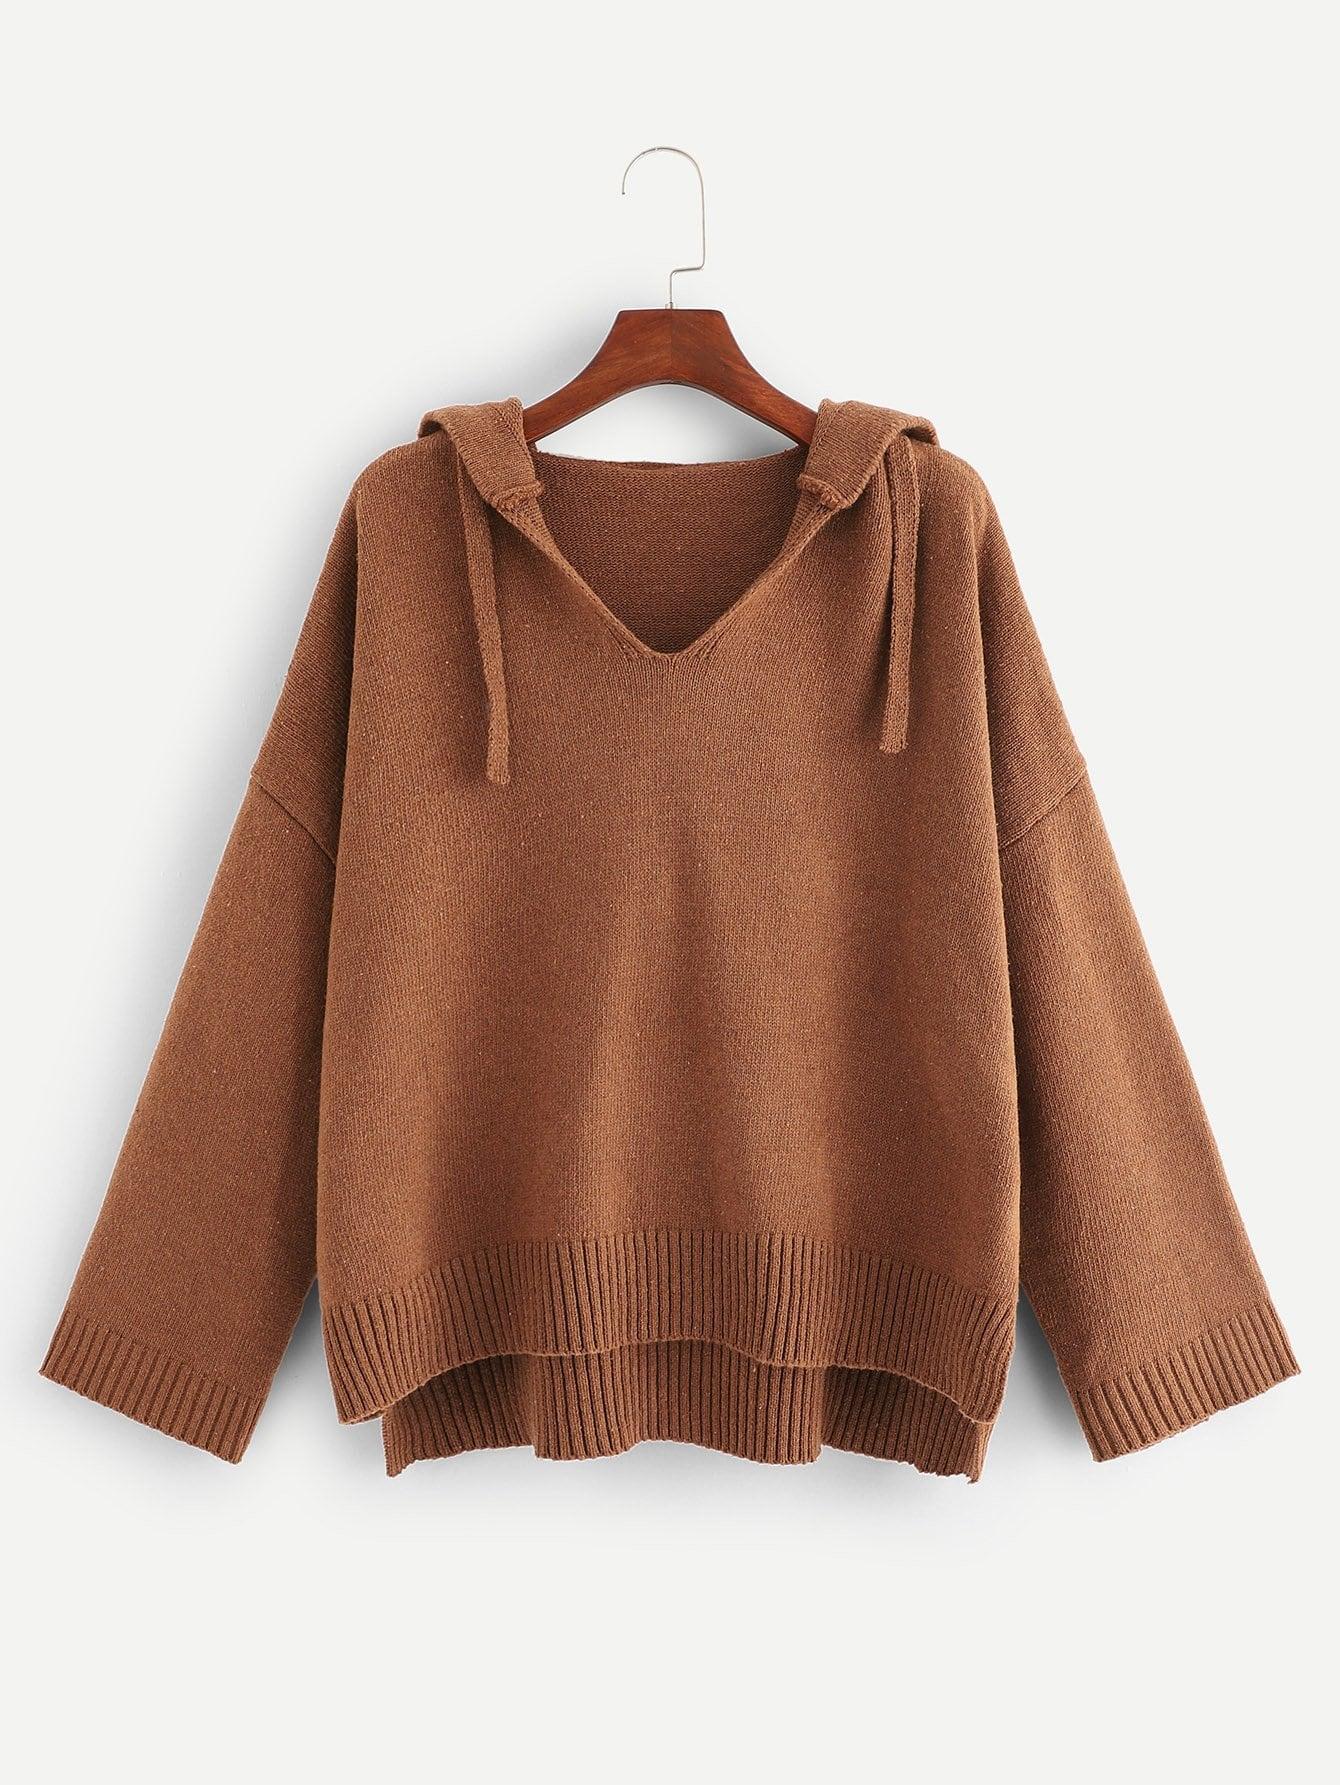 Купить Трикотажный однотонный свитер с многоуровневом слои подол размера плюс, null, SheIn